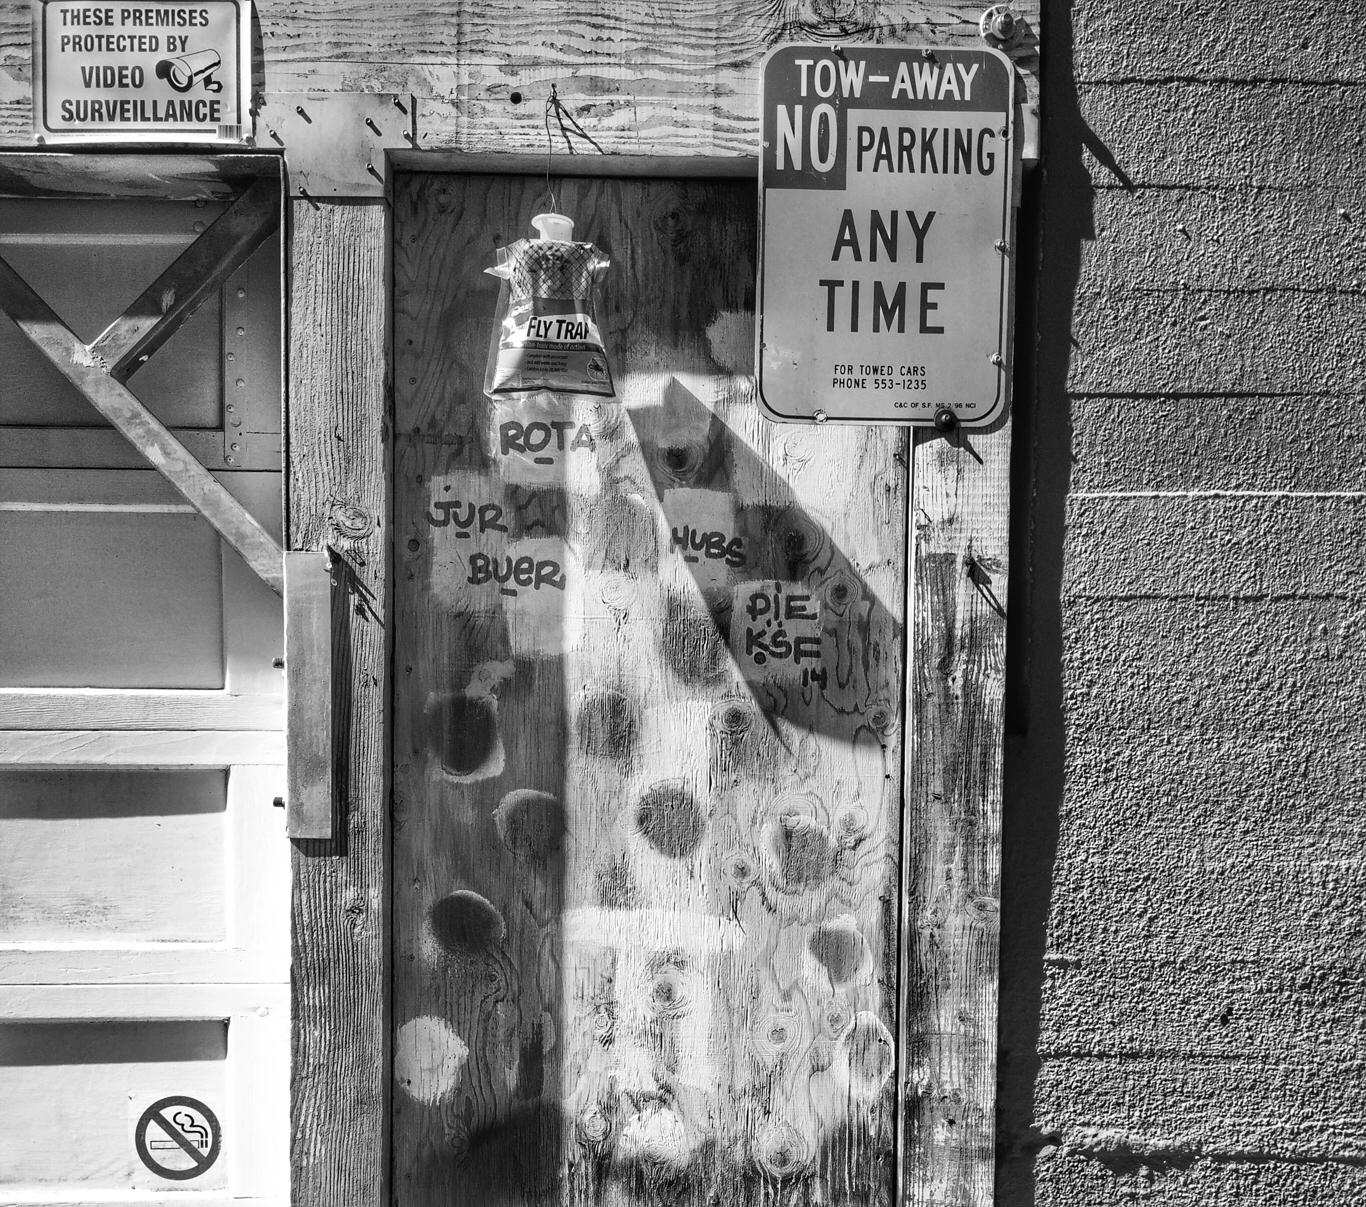 door heart / captured SOMA, San - voiceofsf | ello